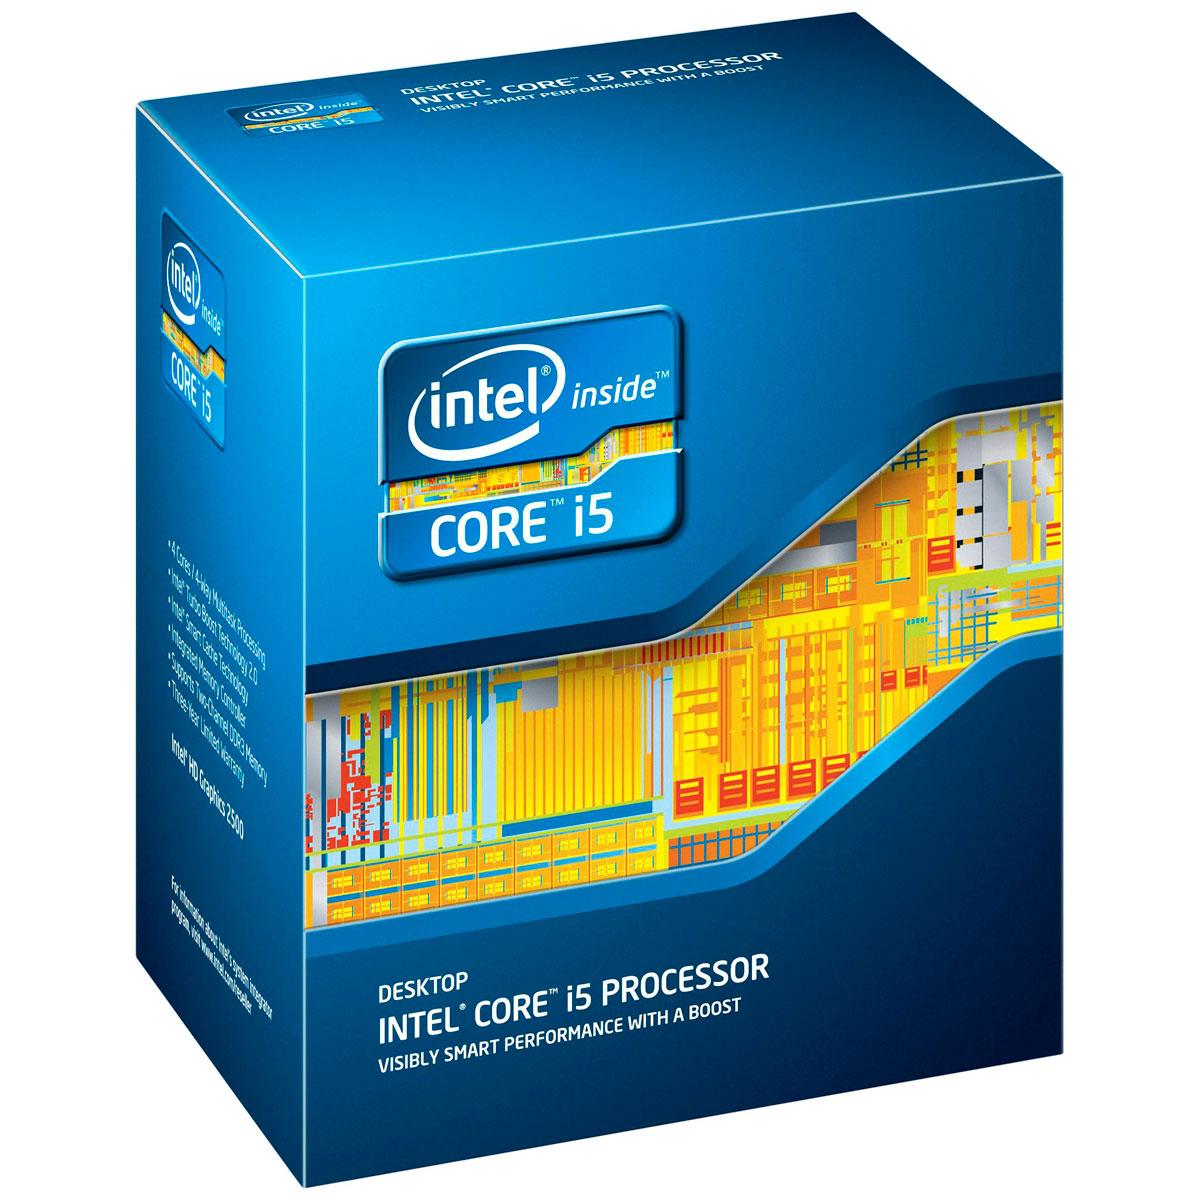 Processeur Intel Core i5-3470S (2.9 GHz) Processeur Quad Core Socket 1155 Cache L3 6 Mo Intel HD Graphics 2500 0.022 micron (version boîte - garantie Intel 3 ans)